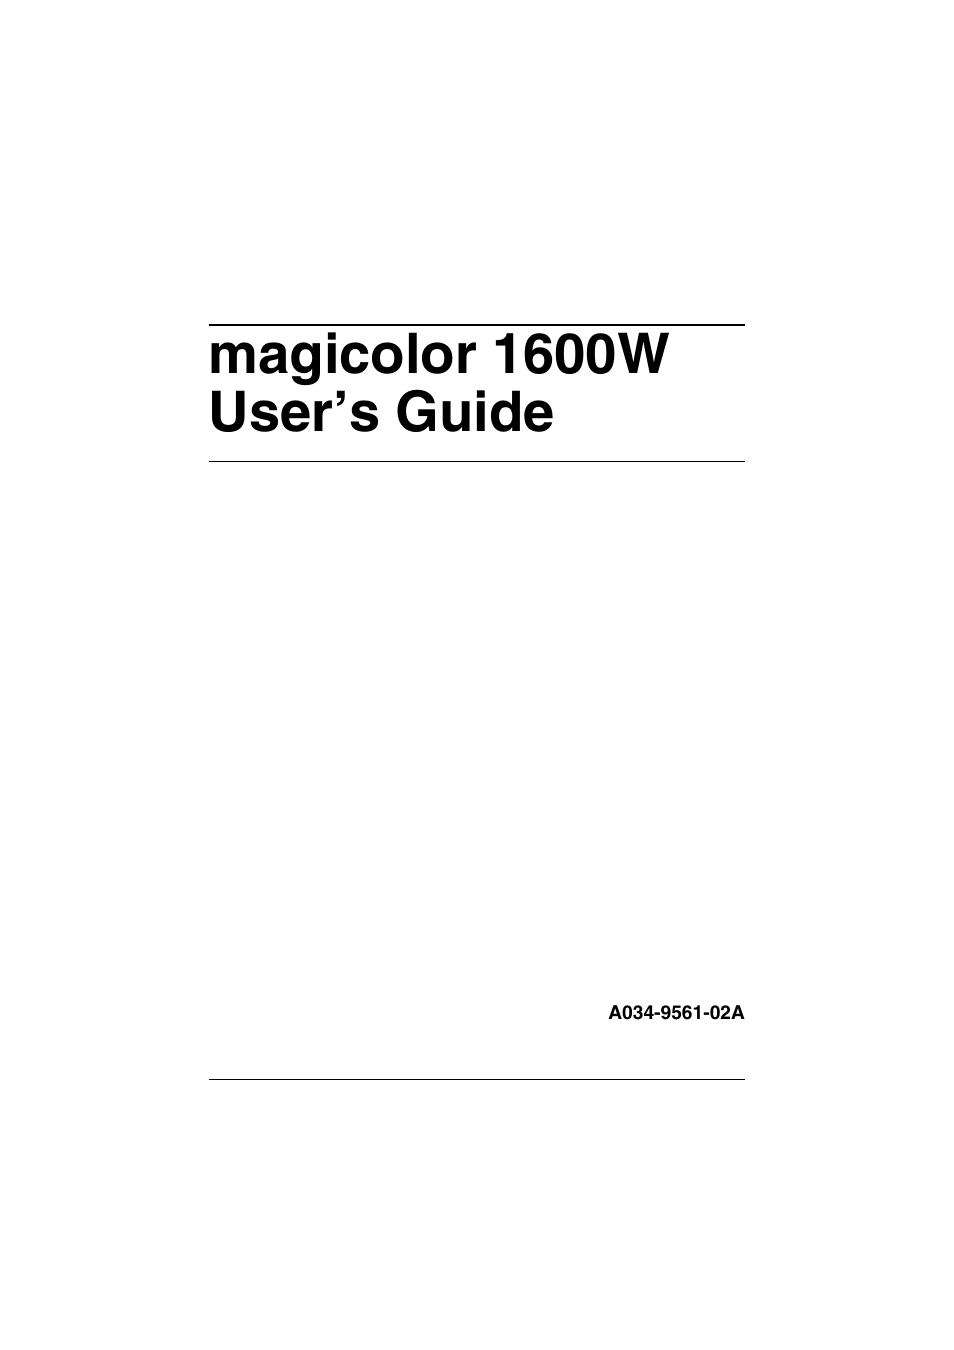 konica minolta magicolor 1600w driver windows 8.1